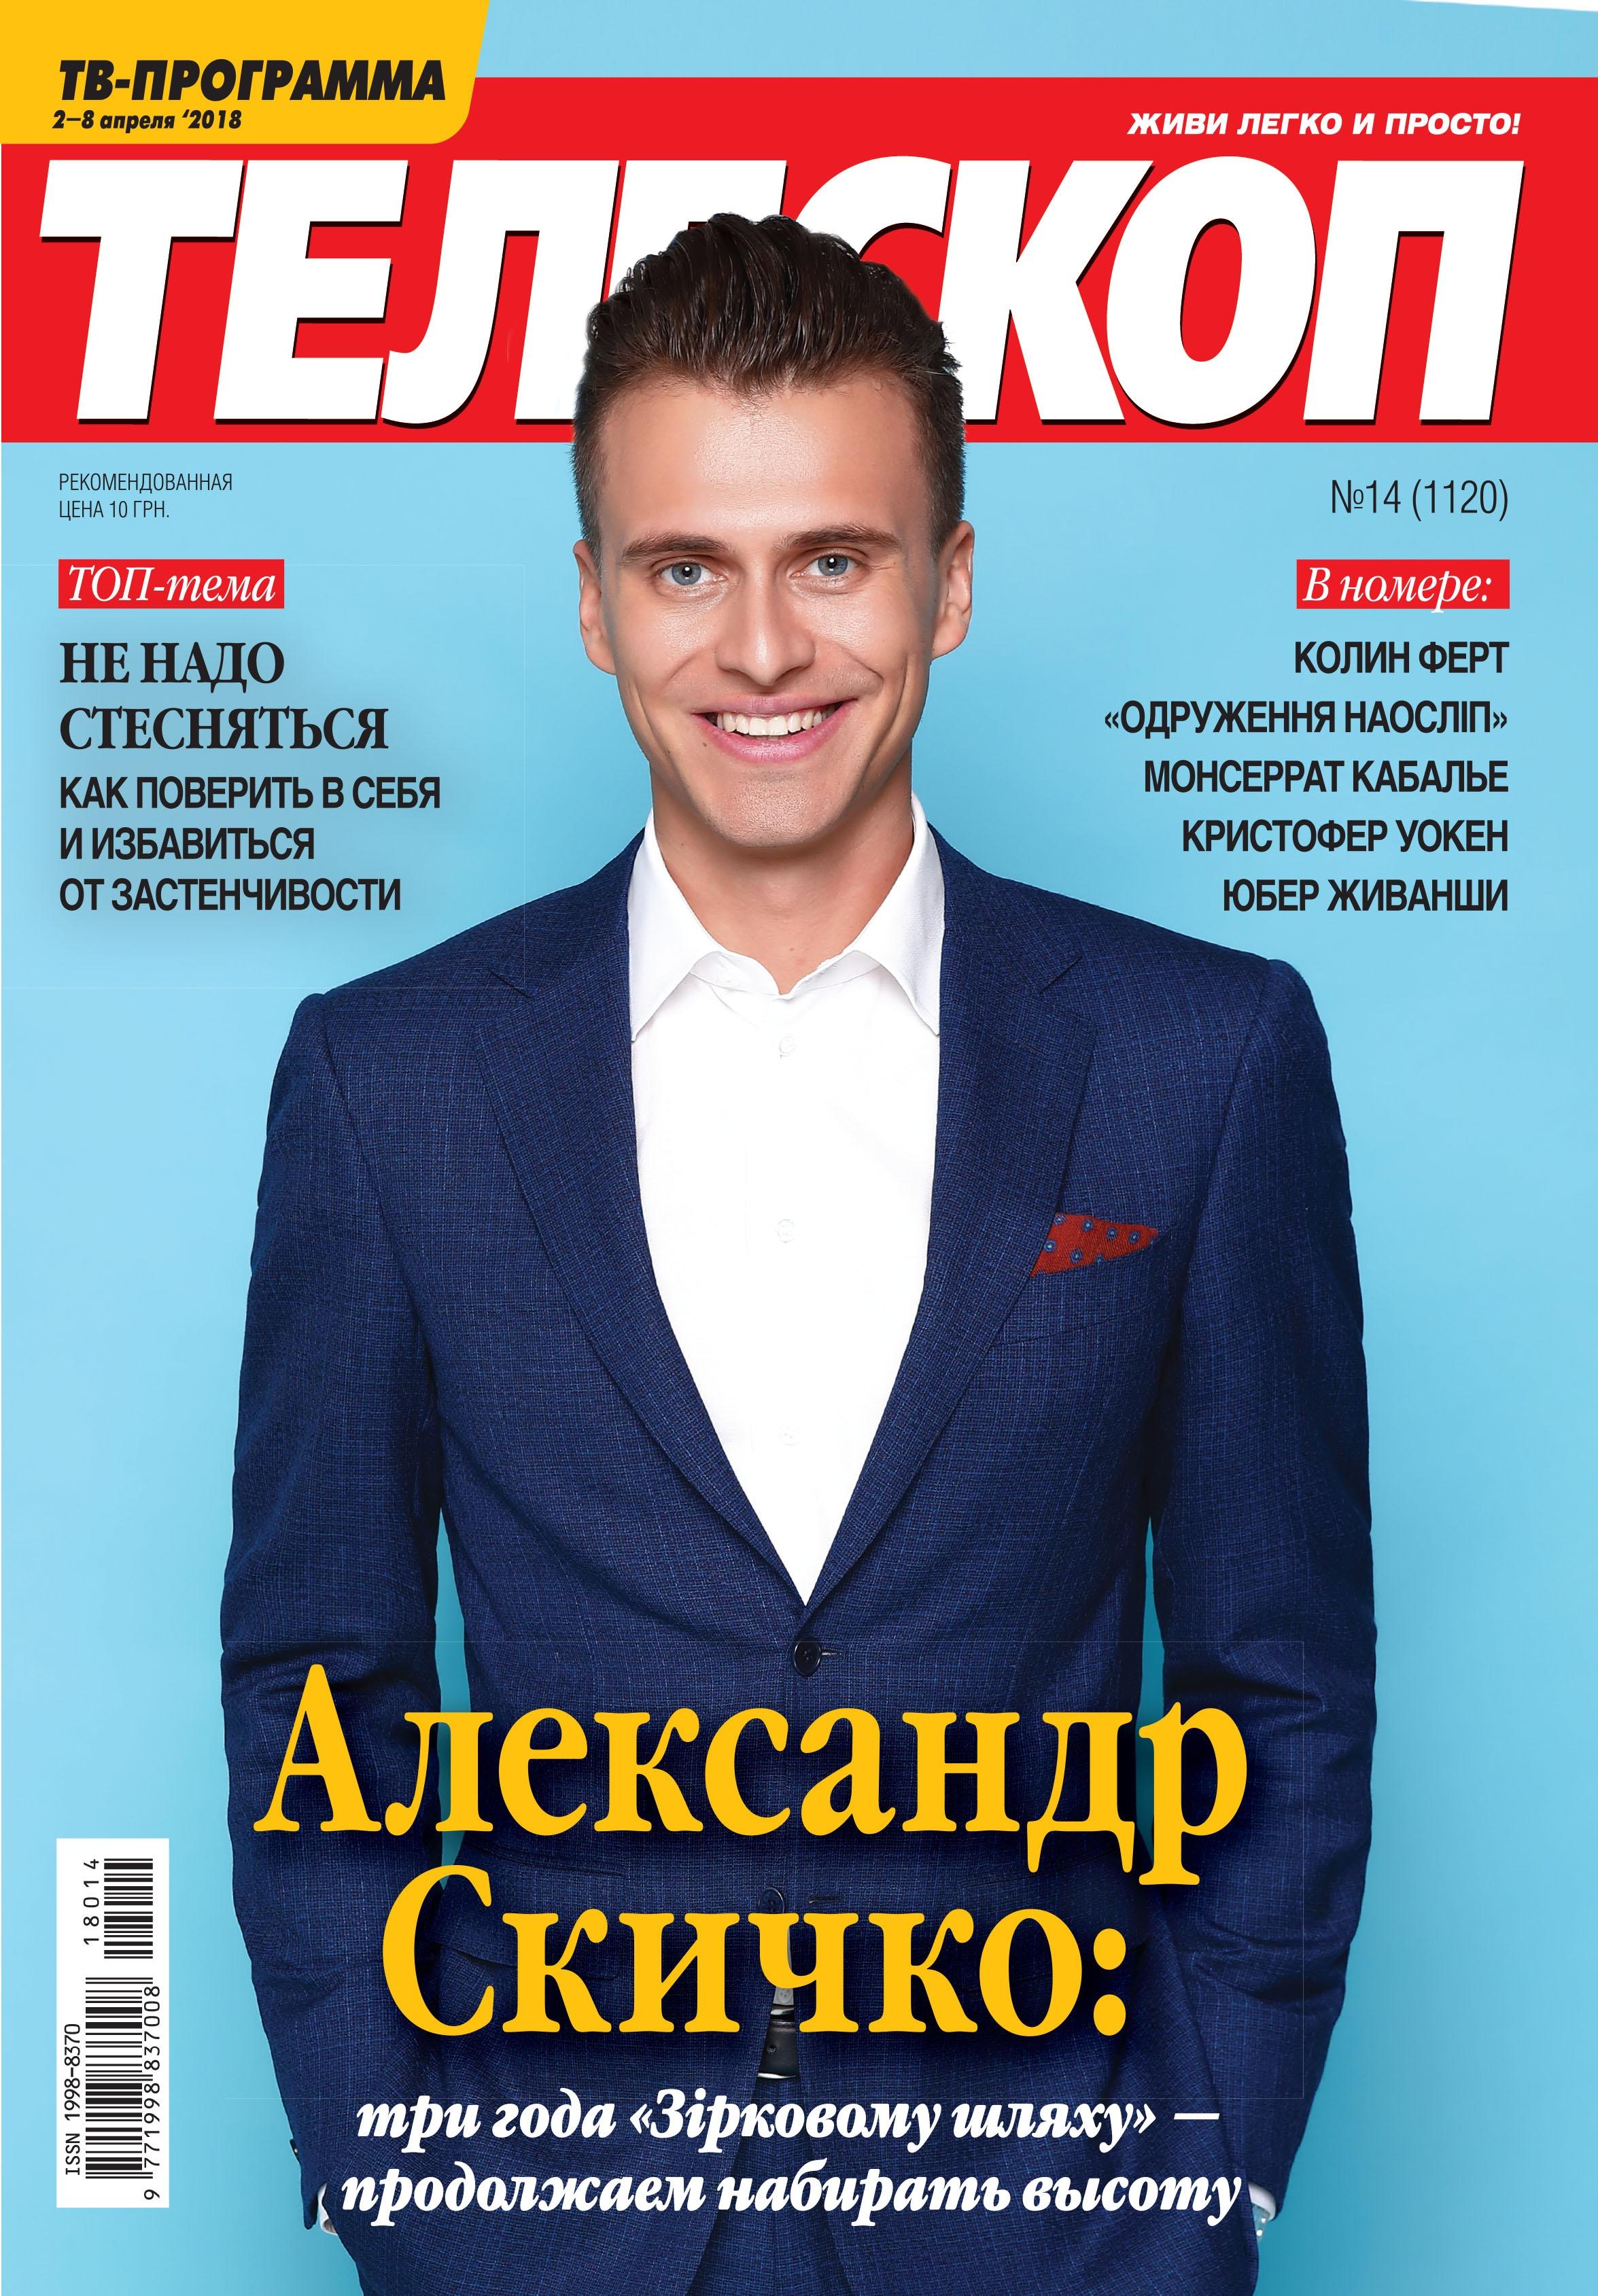 aleksandr-skichko-tri-goda-zrkovomu-shlyahu-prodolzhaem-nabirat-vysotu